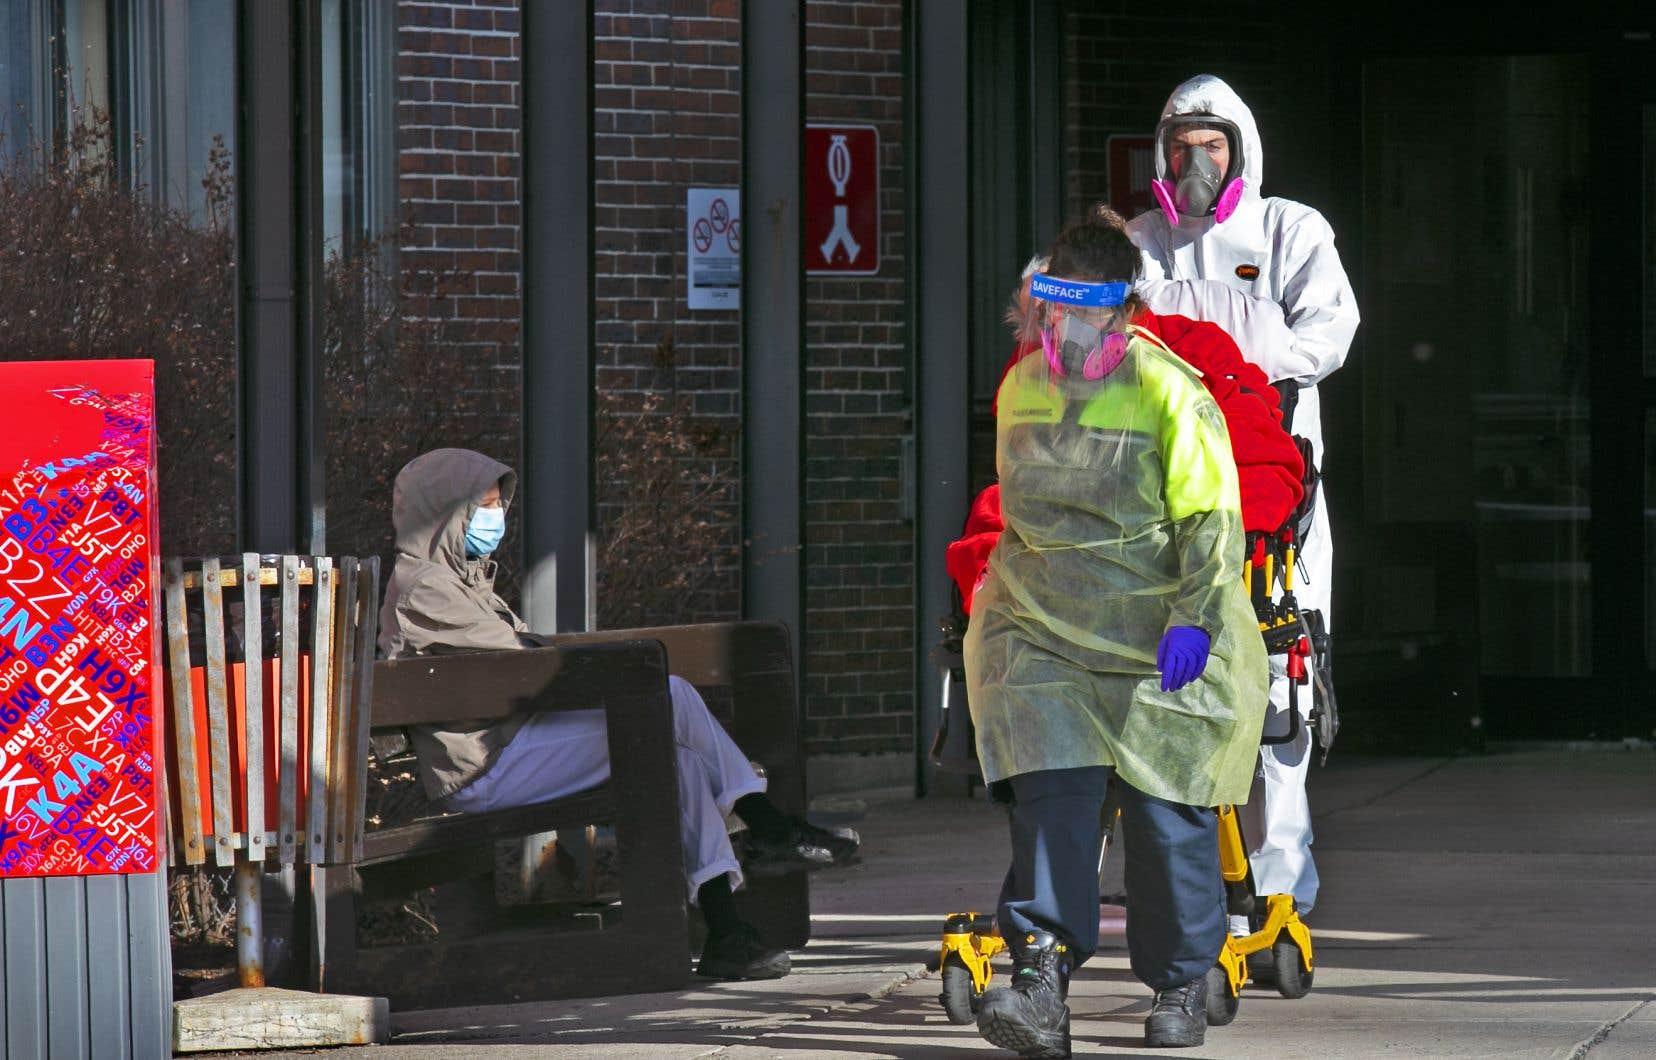 Le nombre d'hospitalisations a augmenté de 2 par rapport à la veille, avec un cumul de 102. Parmi celles-ci, 18 se trouvent aux soins intensifs, une diminution de 2.